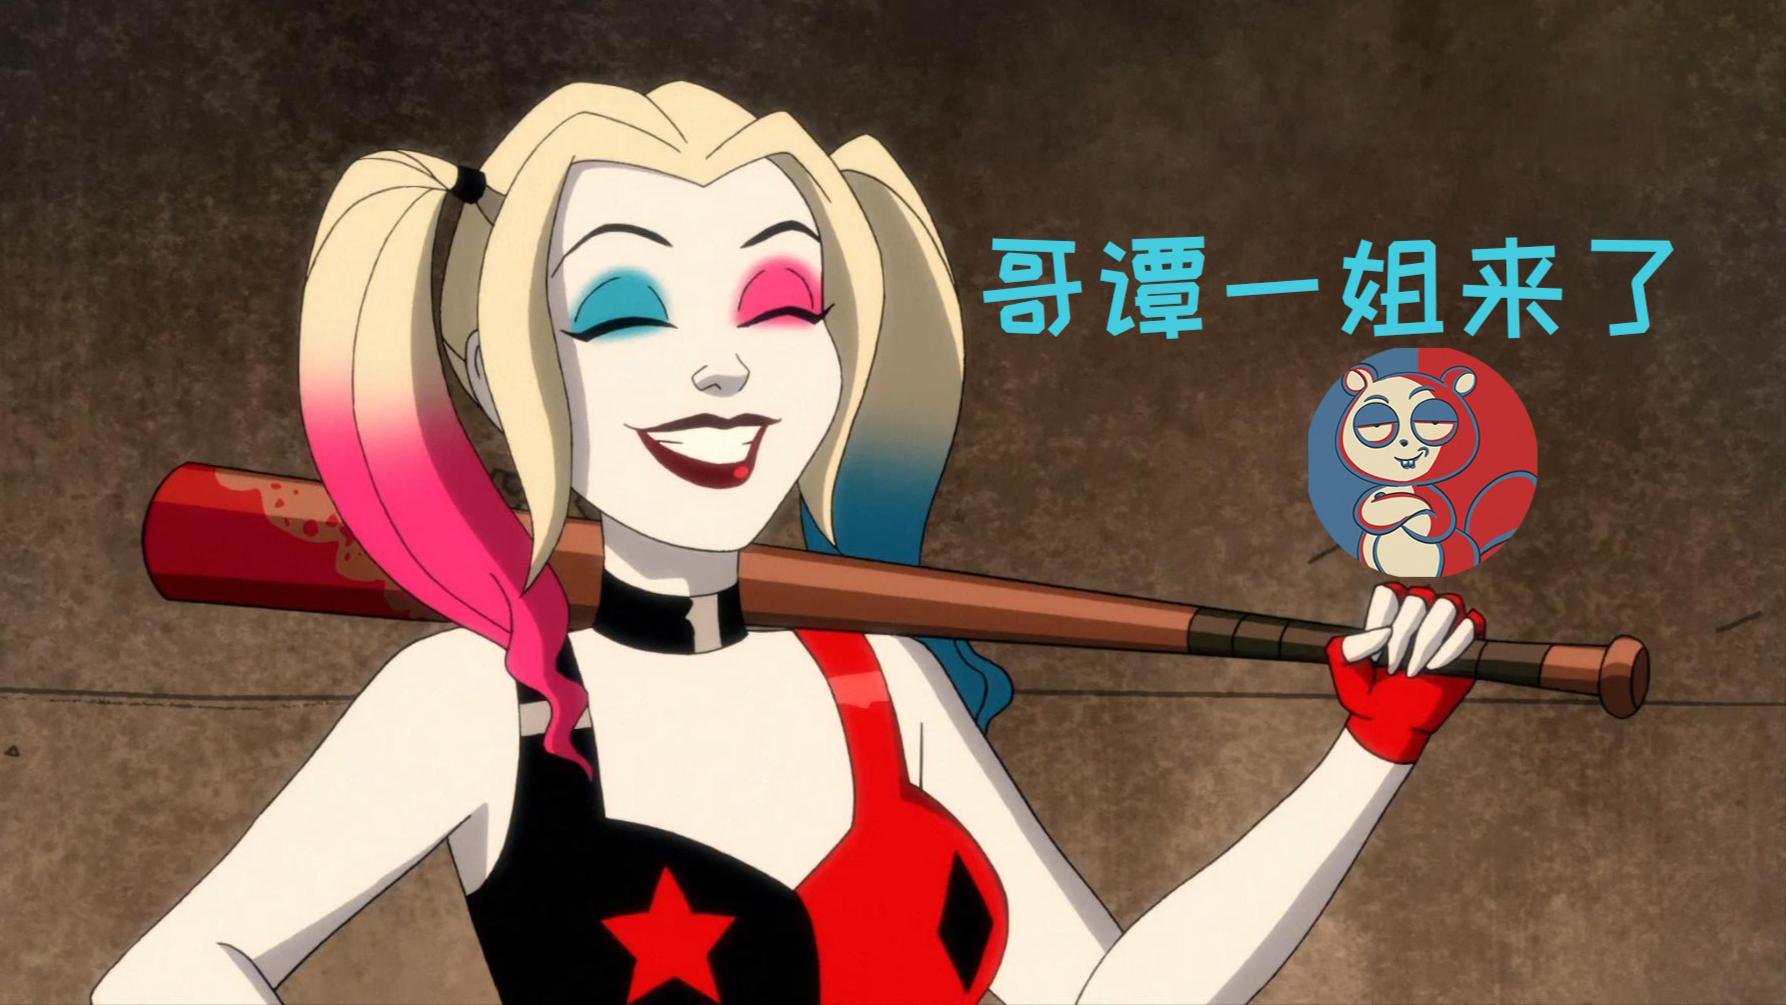 小丑女与小丑决裂,是因为小丑心里只有蝙蝠侠?哈莉·奎茵来了